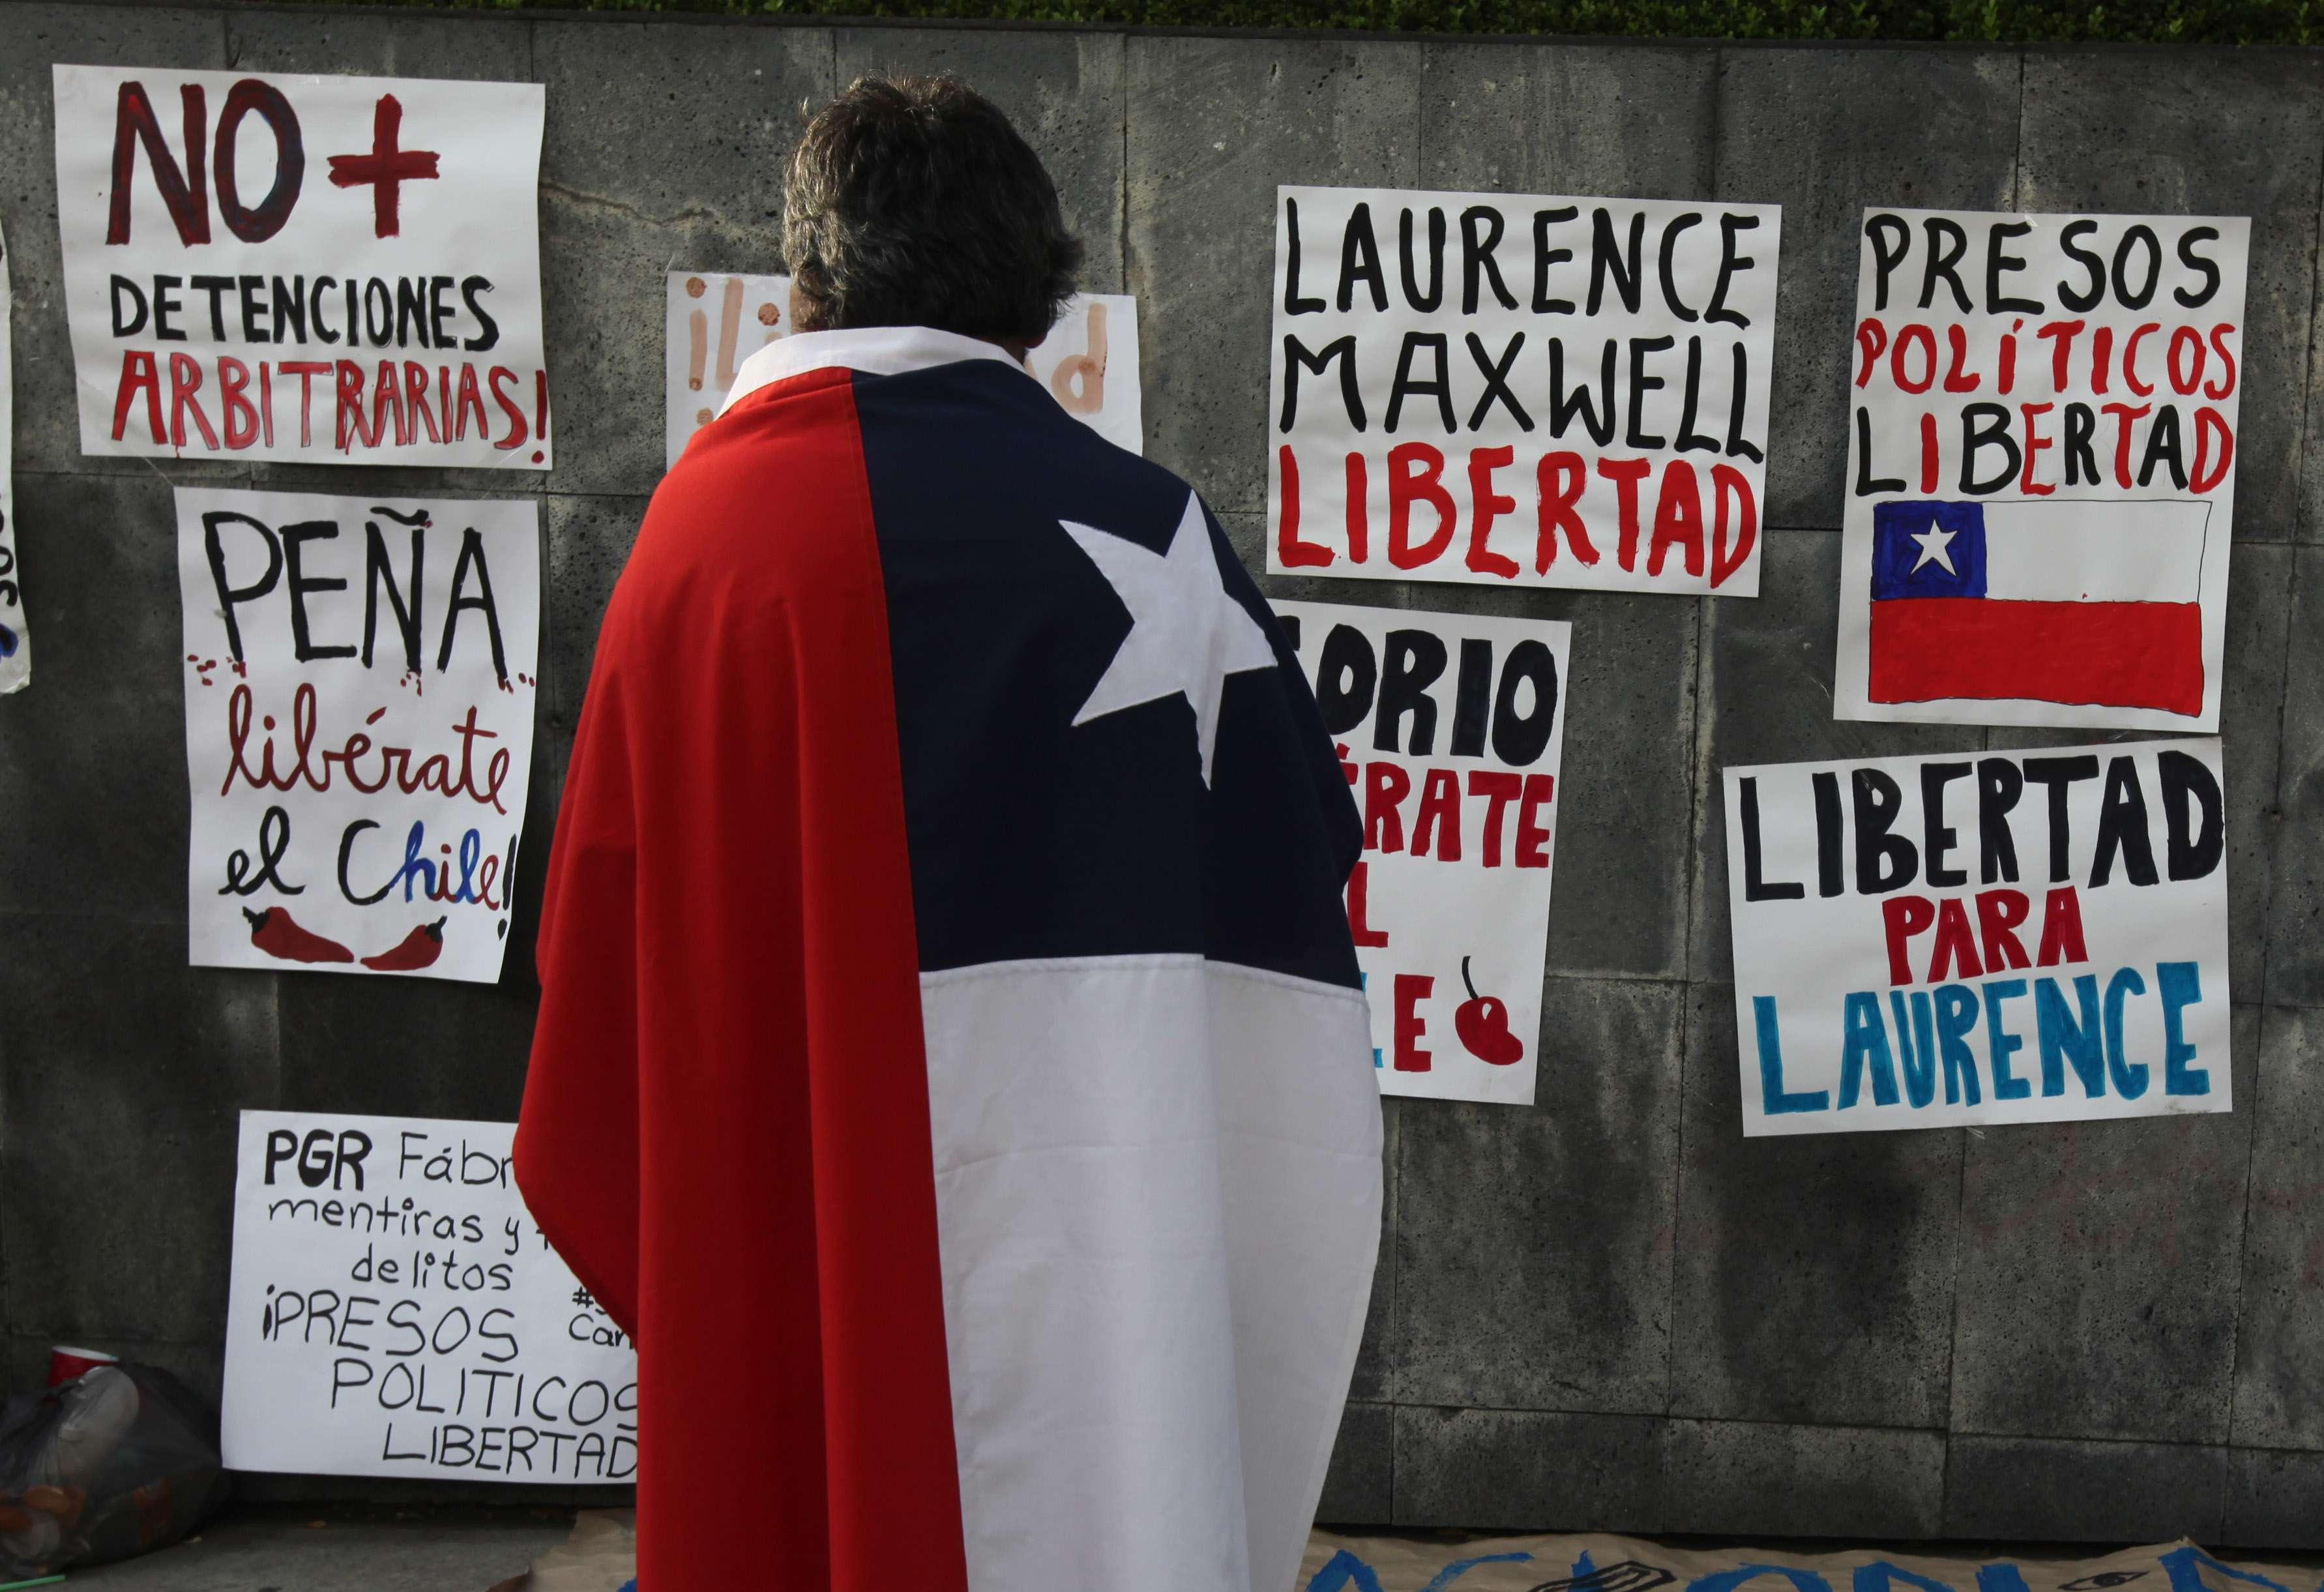 Protesta frente a la oficina del fiscal general en México DF, el sábado 22 de noviembre de 2014, que exige la liberación de estudiantes arrestados dos días antes en las marchas por los 43 normalistas. Foto: Reuters en español